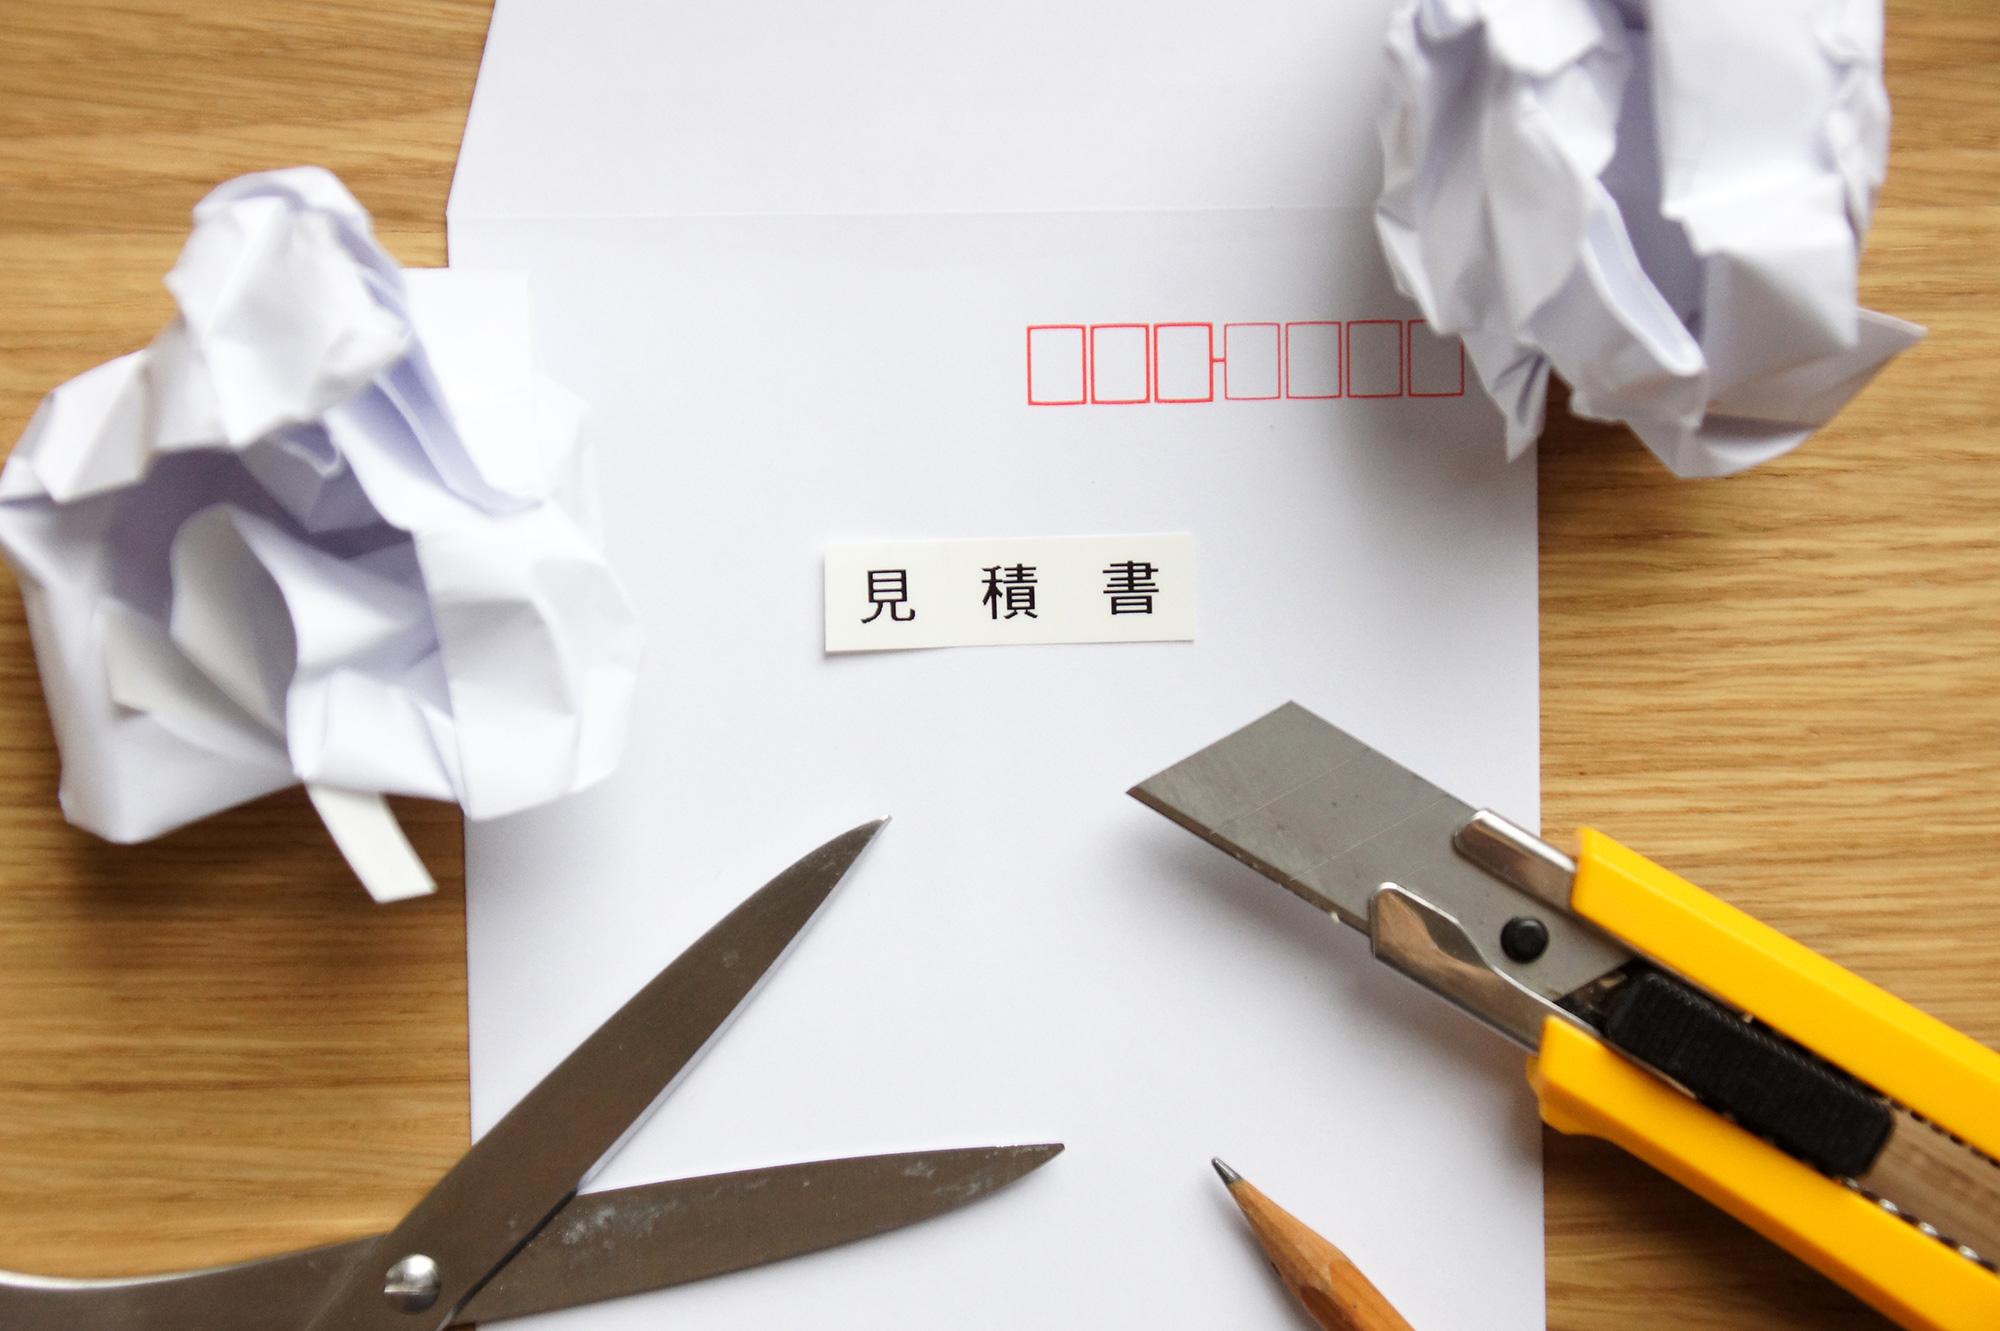 見積書を作成して郵送するイメージの無料写真素材